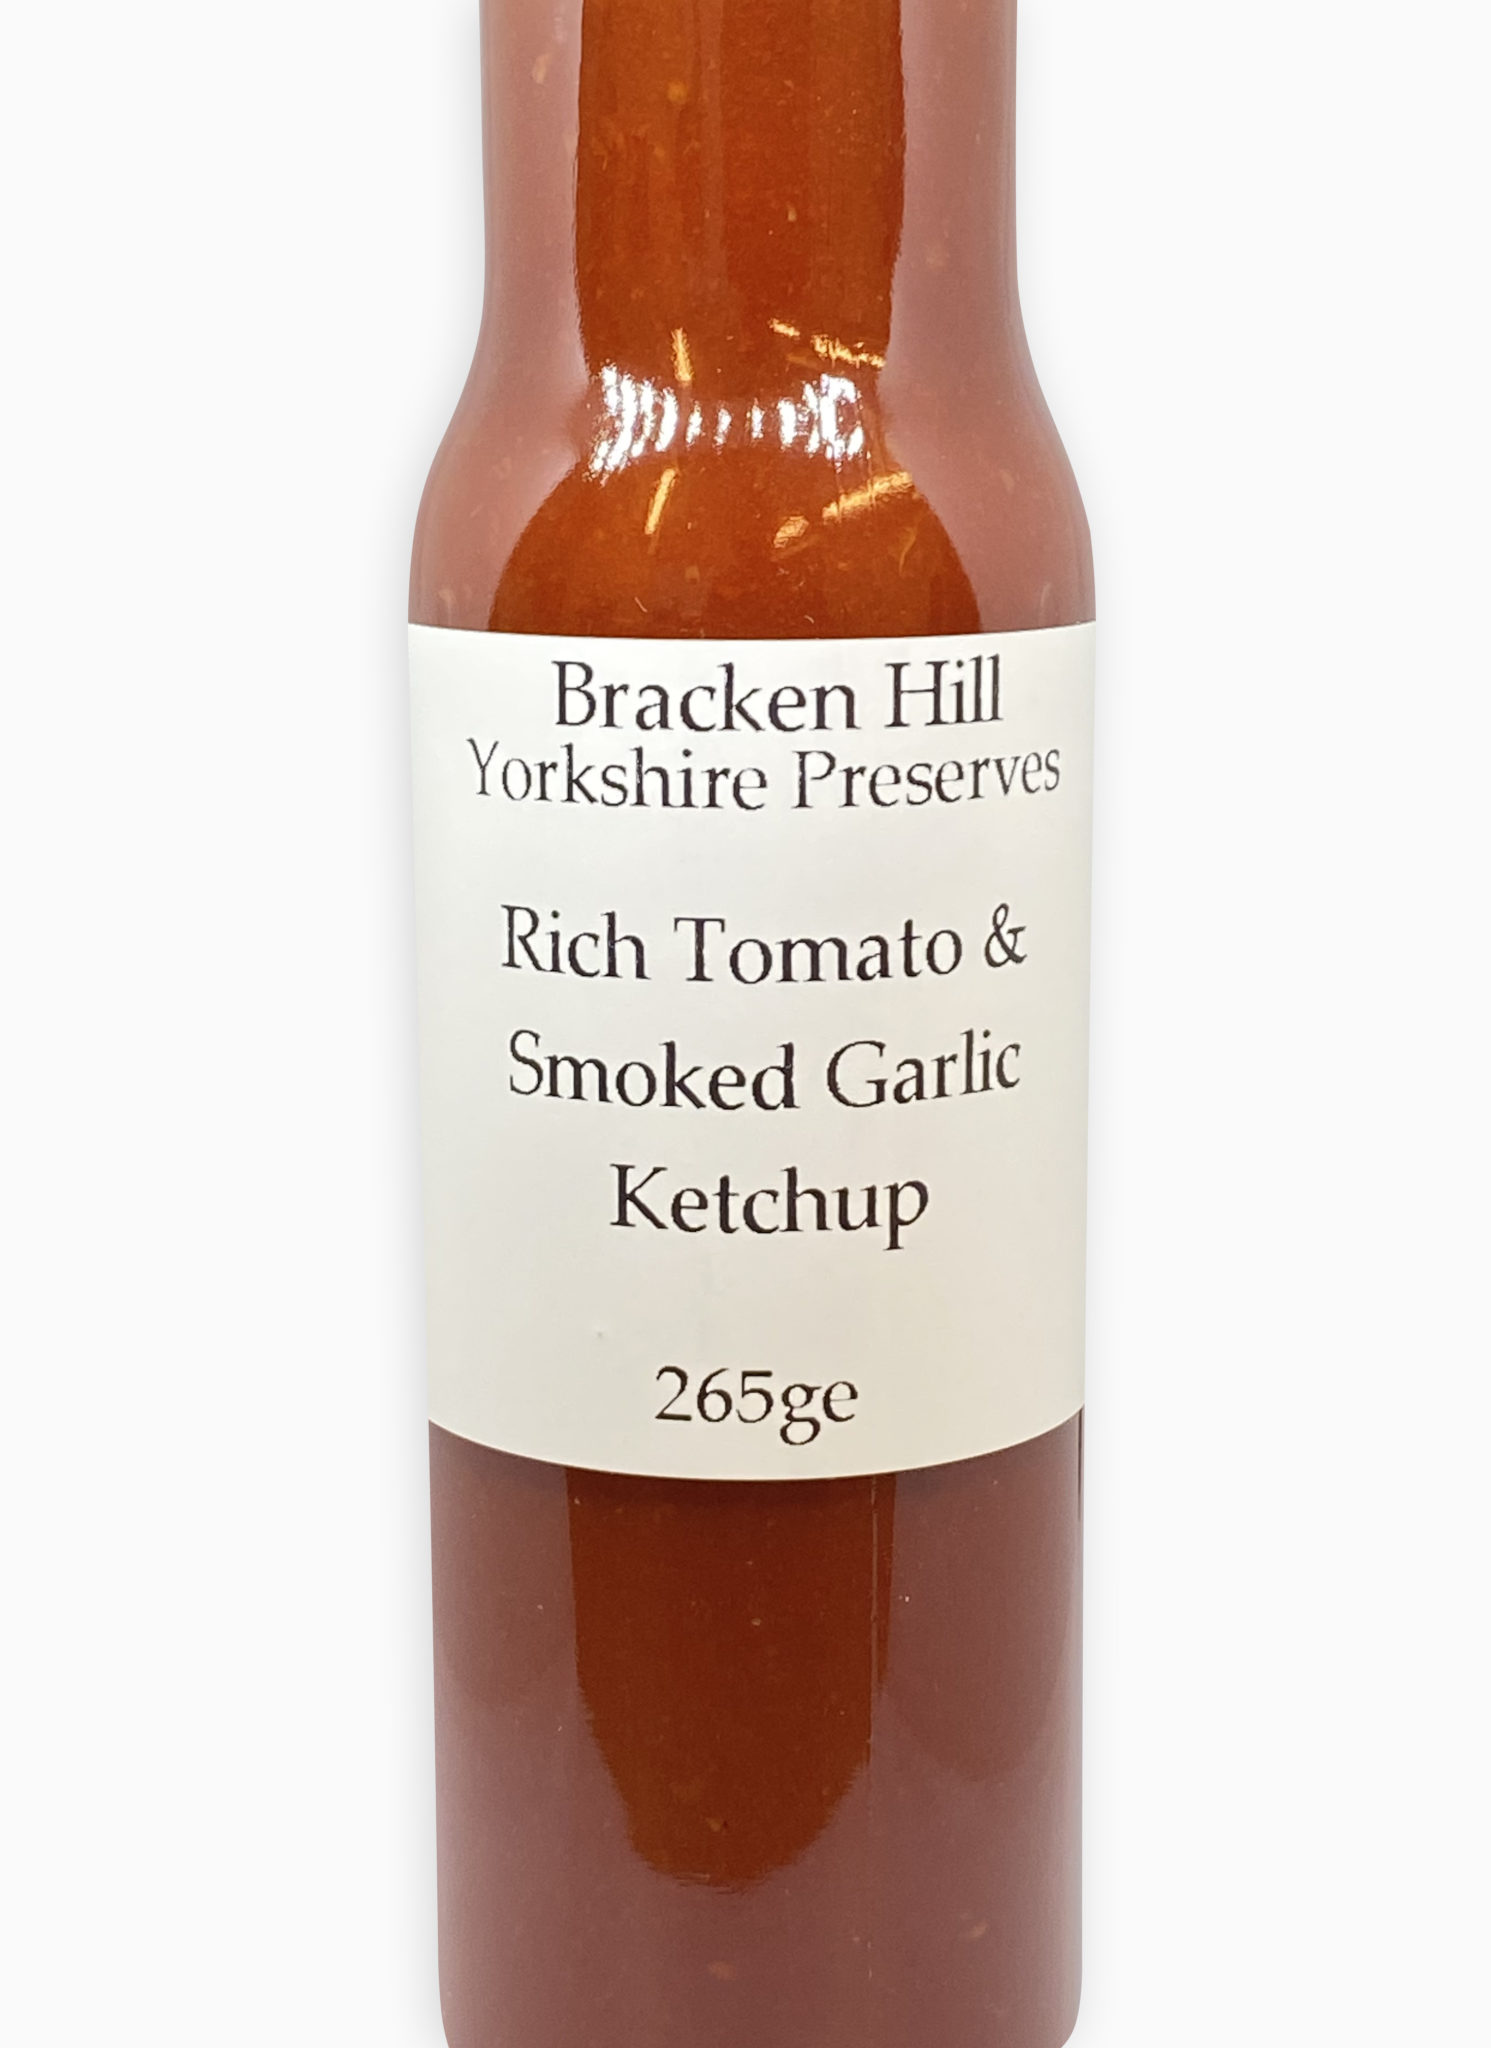 Rich Tomato and Smoked Garlic Ketchup